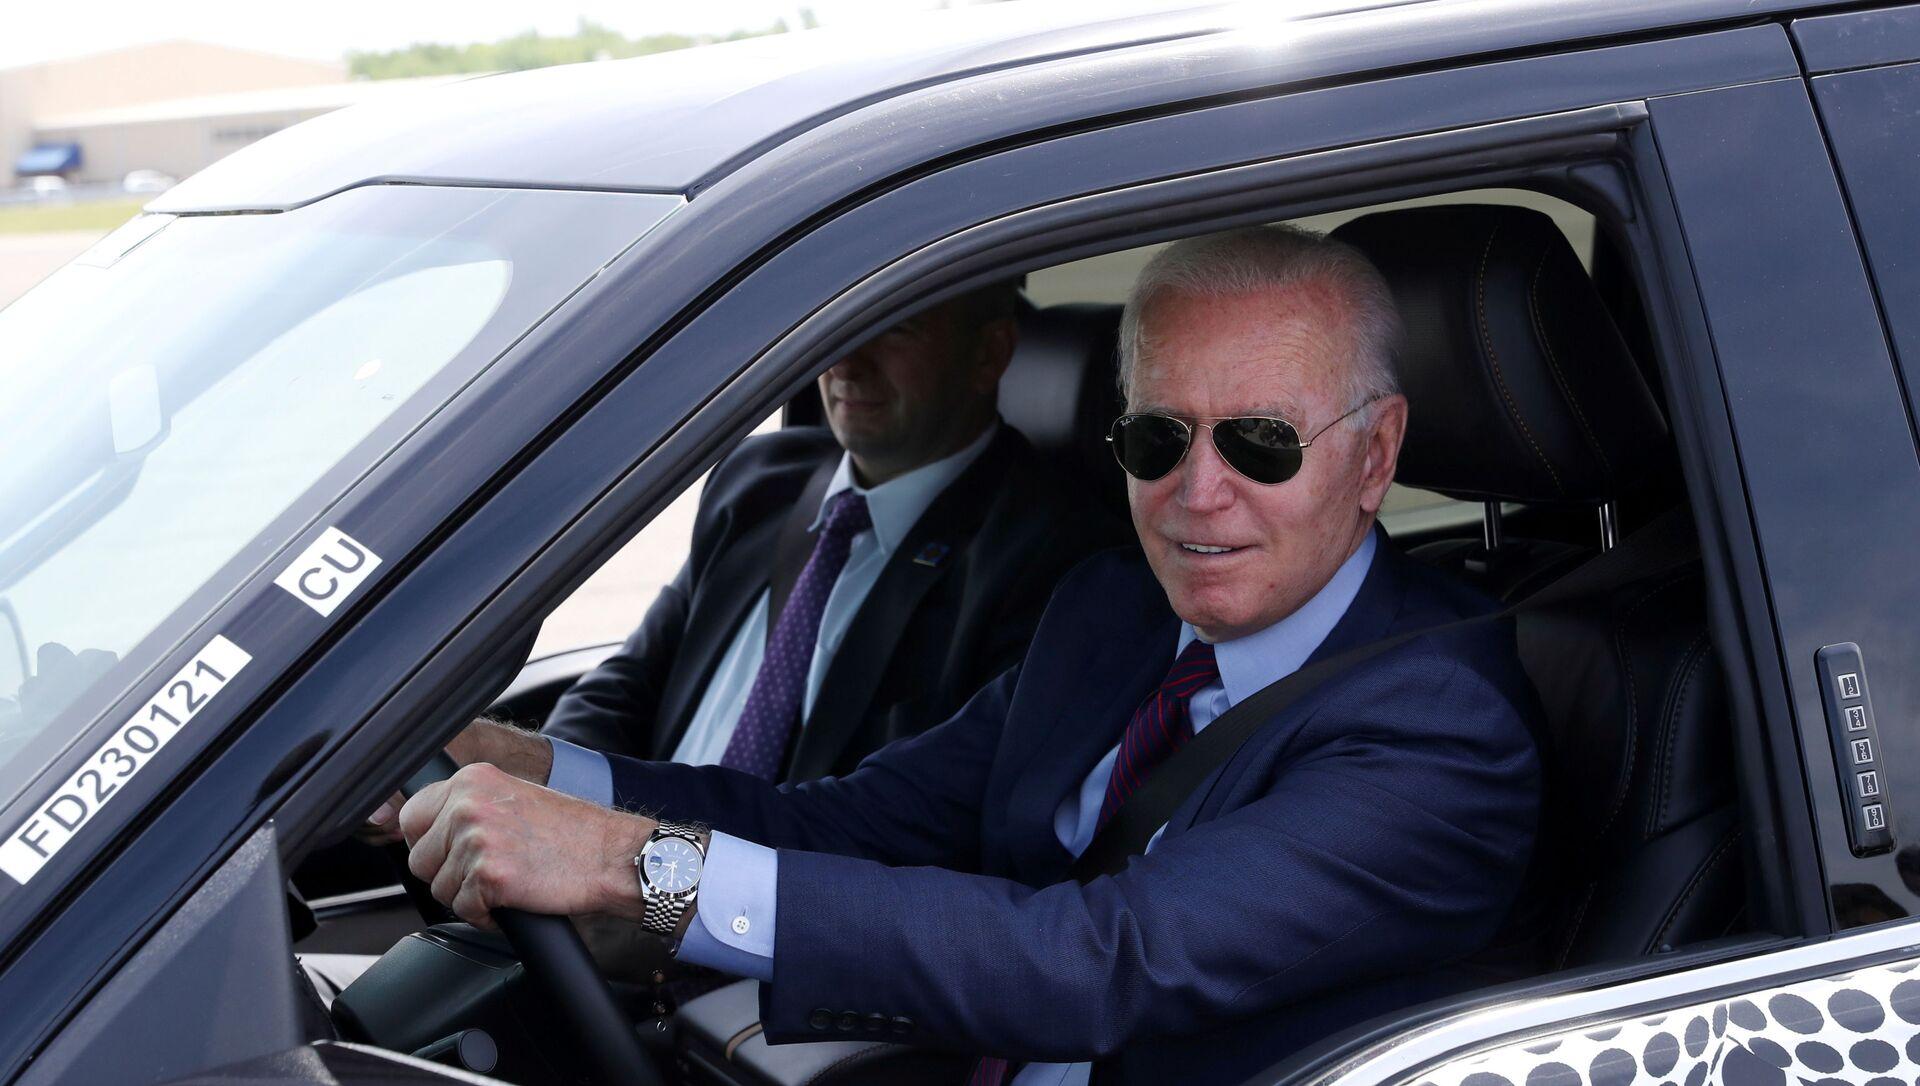 ABD Başkanı Joe Biden, Ford'un elektrikli otomobiliyle test sürüşünde - Sputnik Türkiye, 1920, 06.08.2021